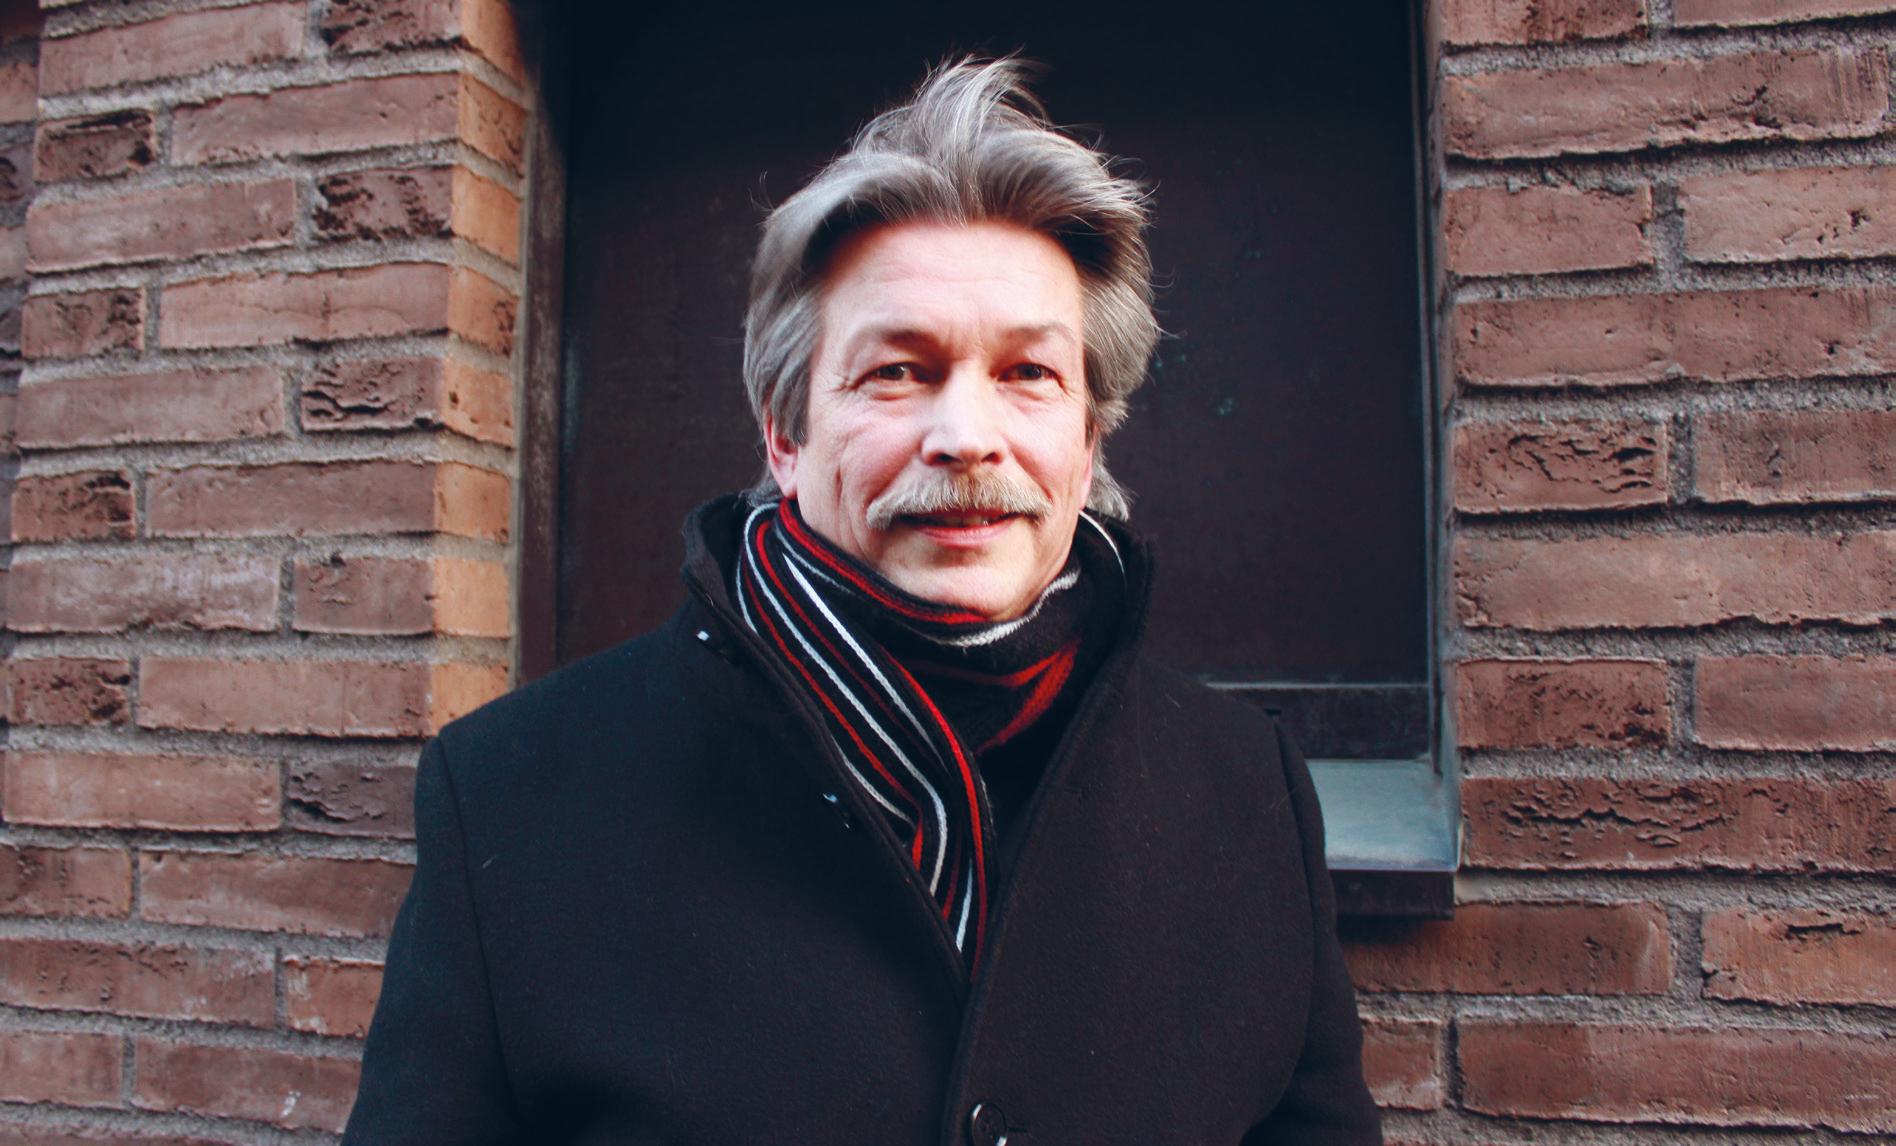 Ruotsalainen äärioikeisto on tehnyt yhteistyötä ääriislamistien kanssa vastustaessaan juutalaisia, Tapio Tamminen sanoo.